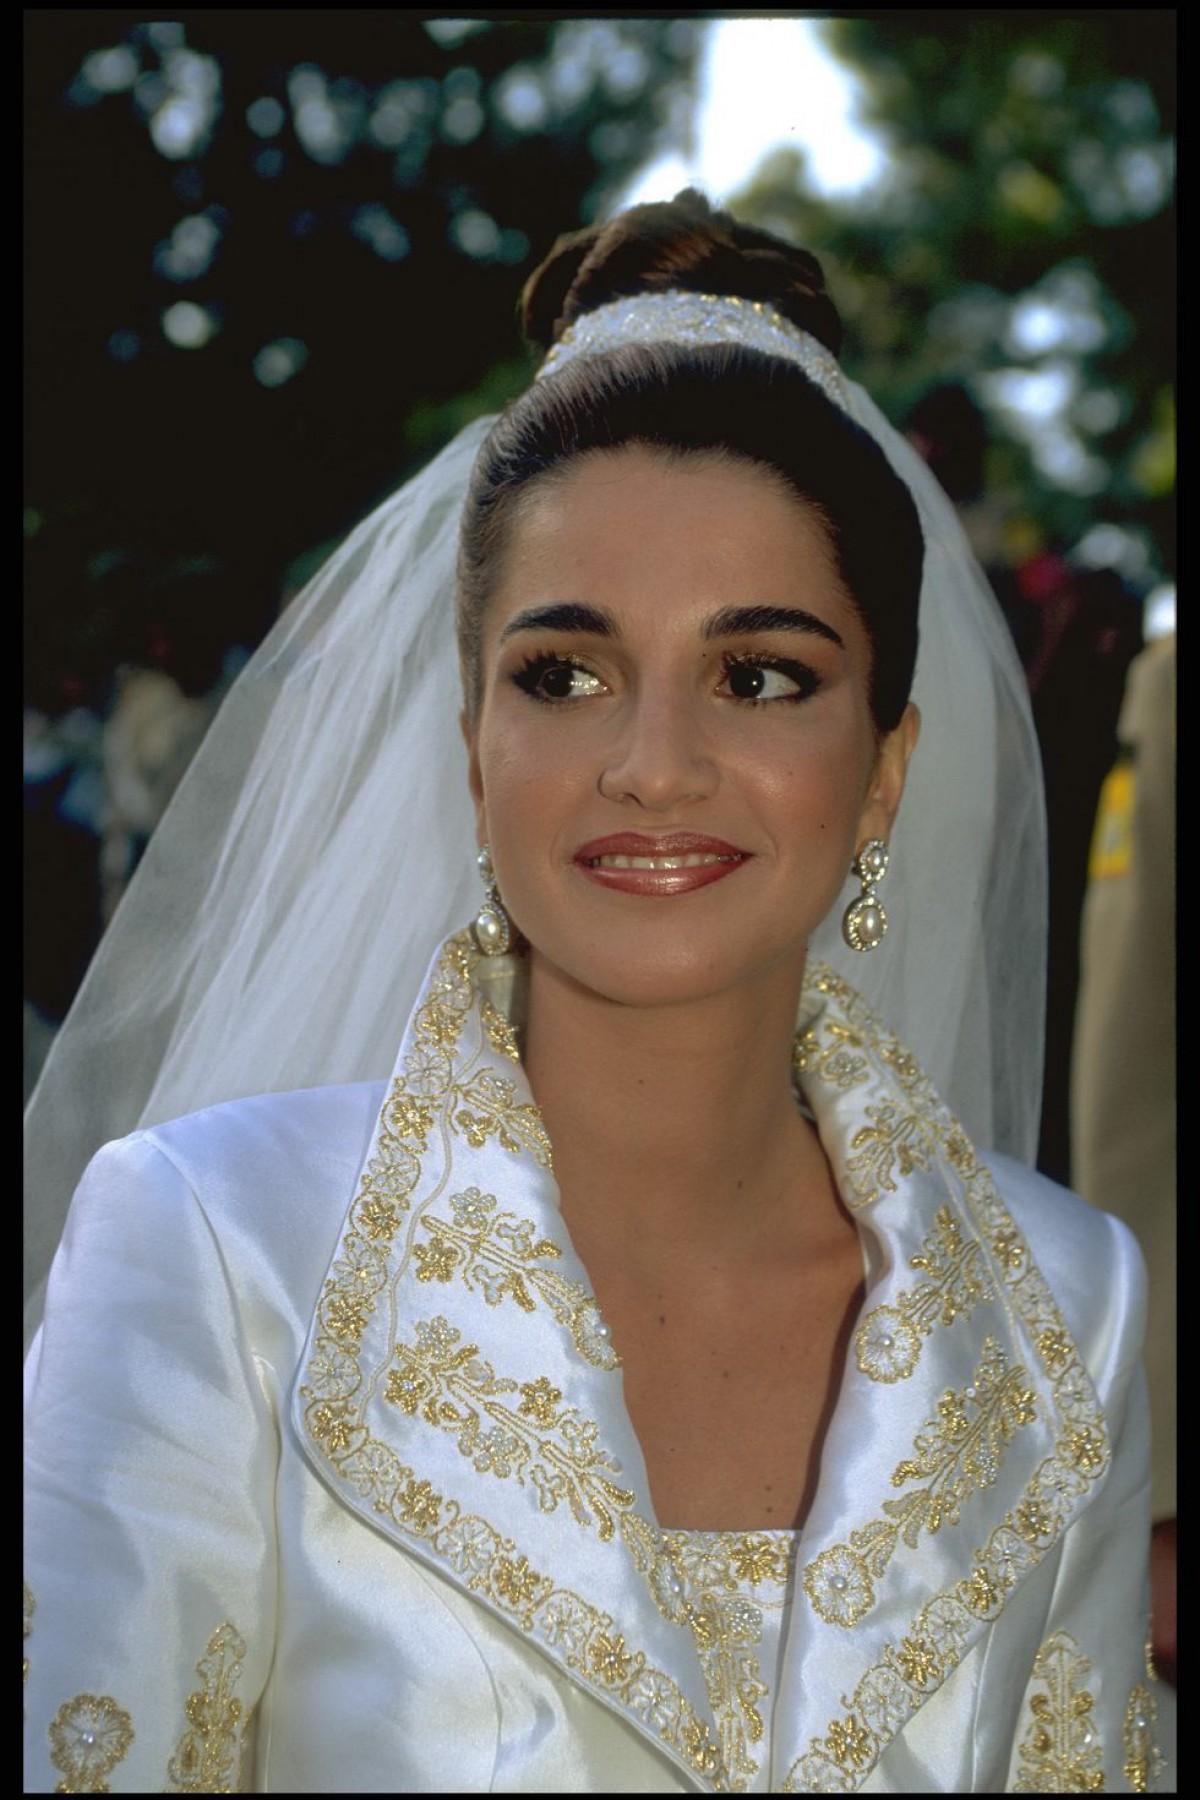 祝50歳! ヨルダン王室・ラーニア王妃の才色兼備なヘア&メイクをプレイバック(ELLE ONLINE)